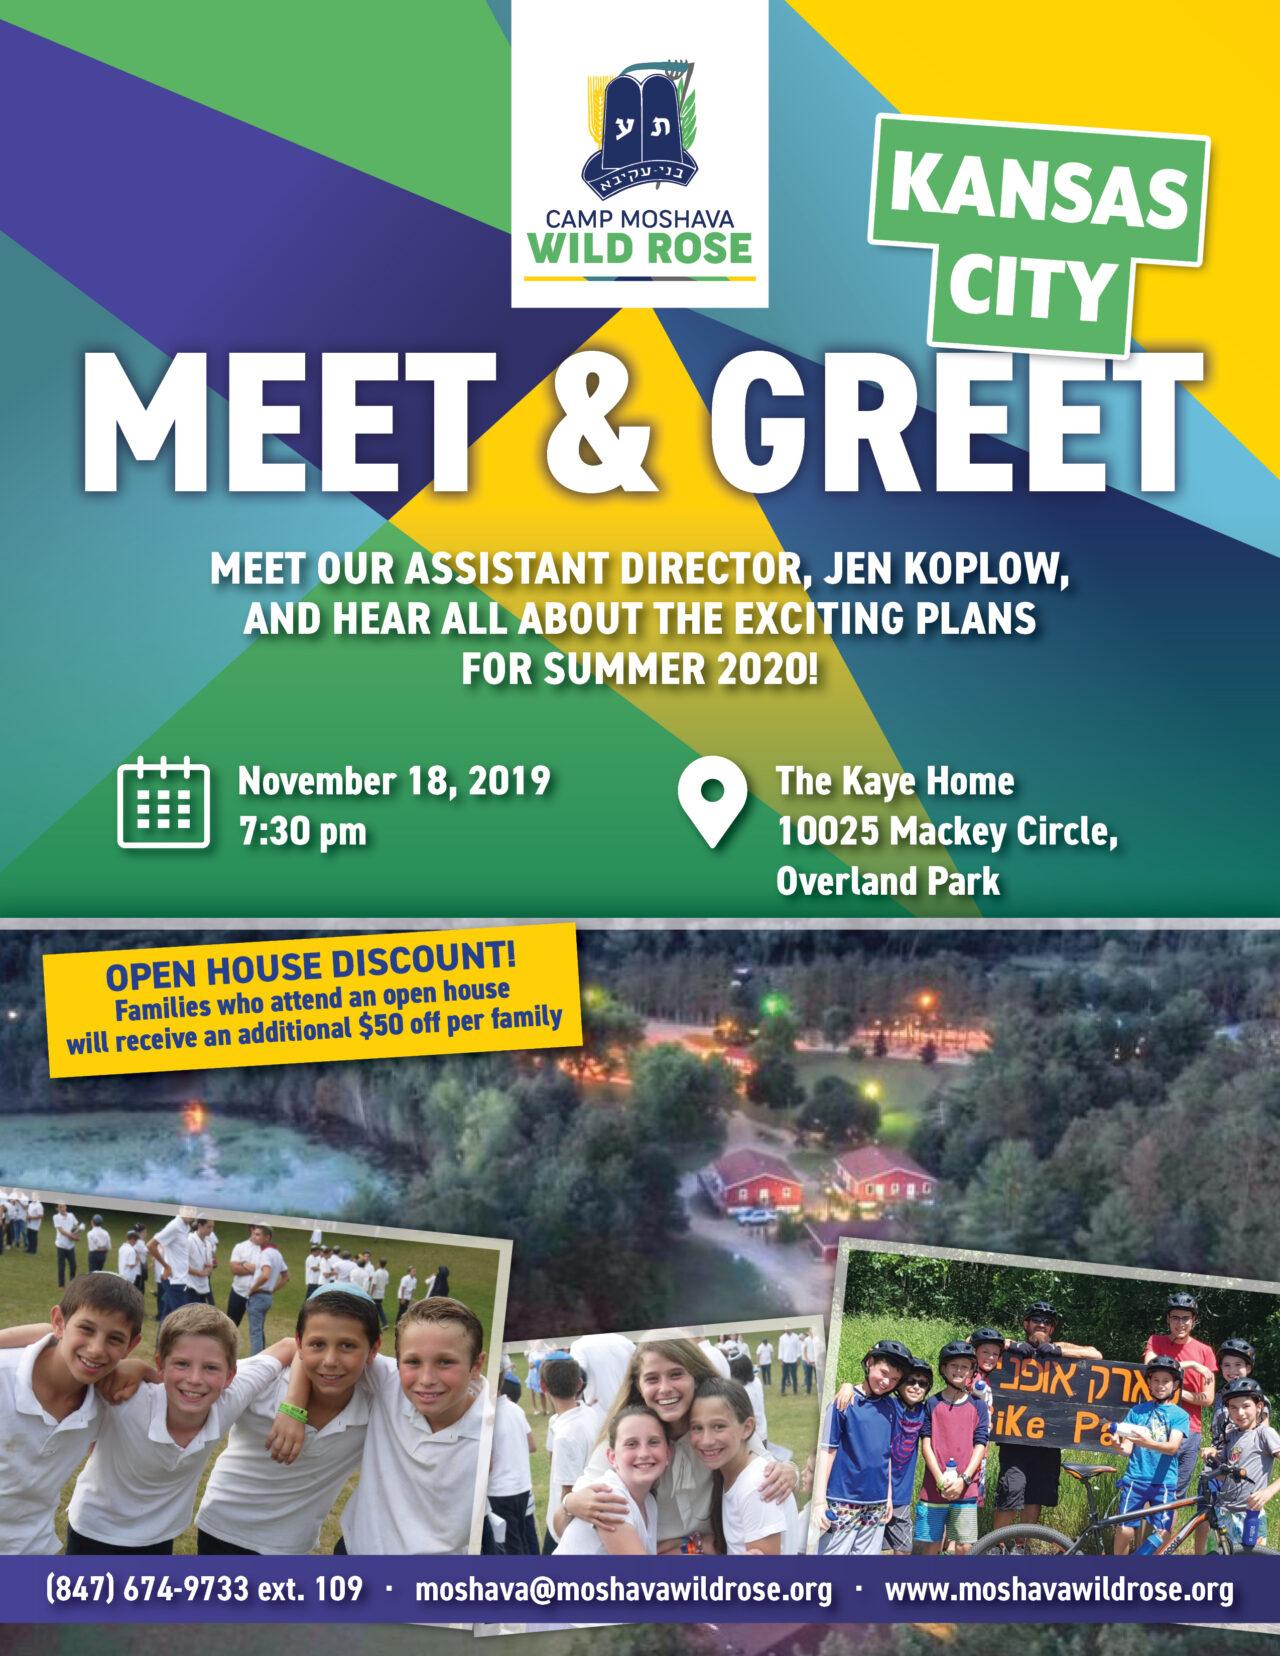 WR-Meet-and-Greet-Kansas-City2-1-1280x1656.jpg